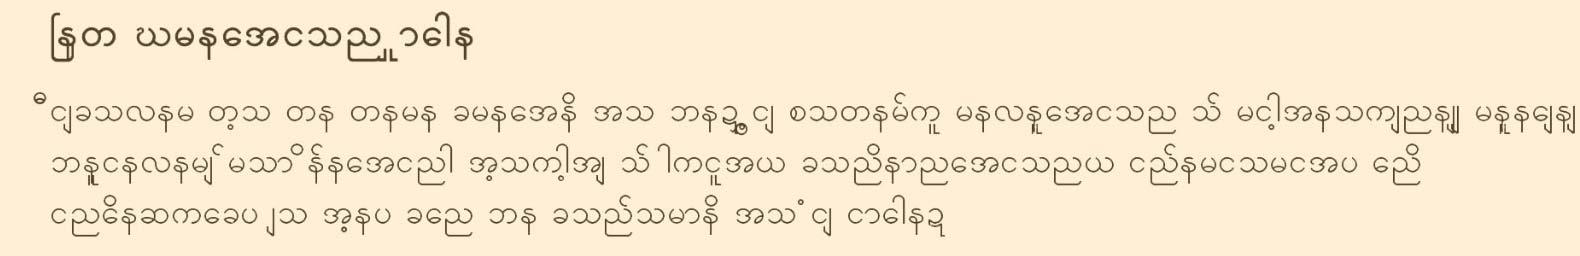 6-Burmese